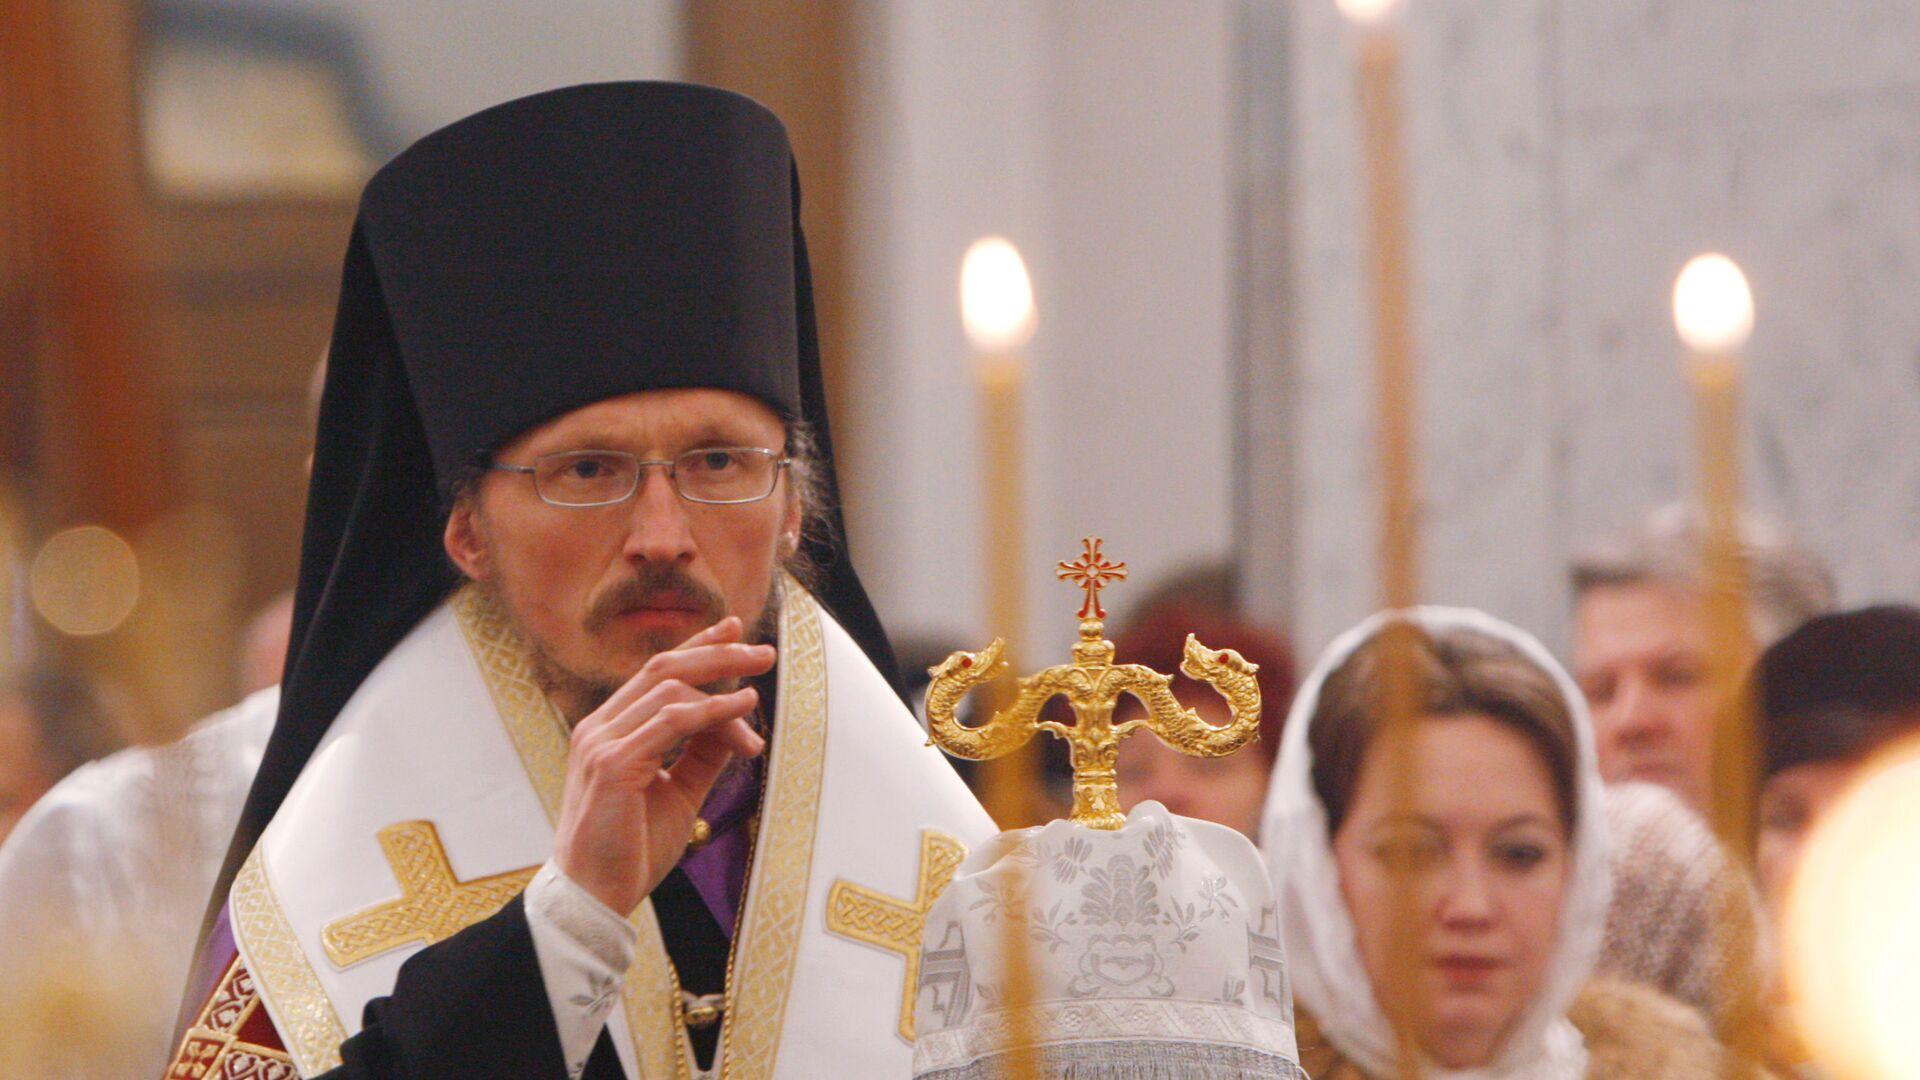 Епископ Борисовский и Марьиногорский Вениамин - Sputnik Беларусь, 1920, 23.09.2021